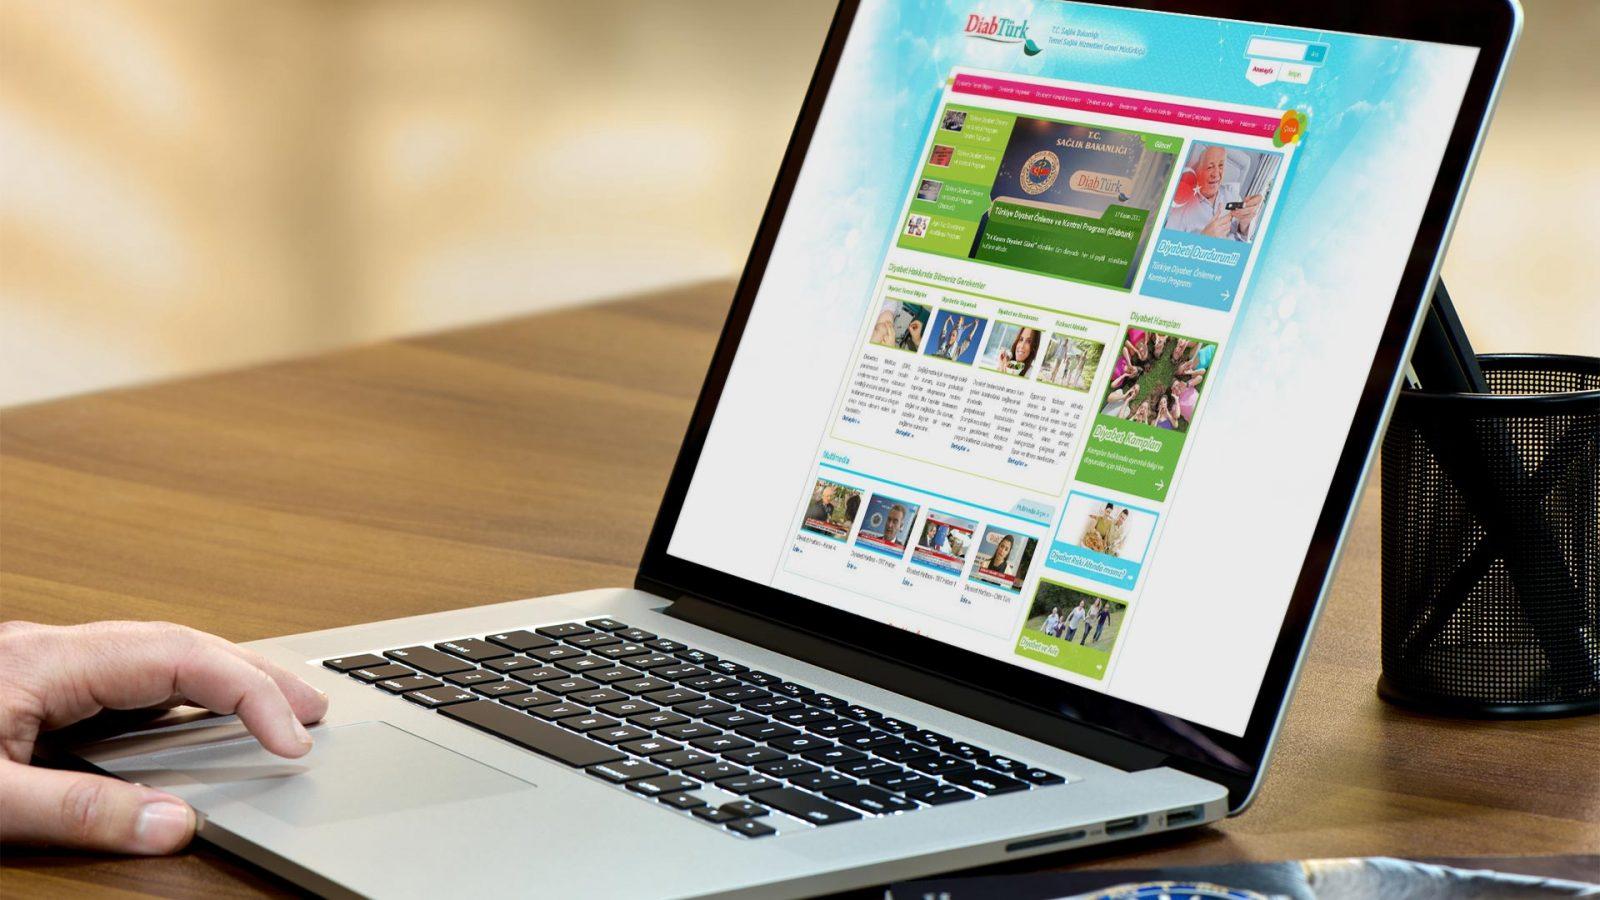 diabturk web sitesi tasarımı 01